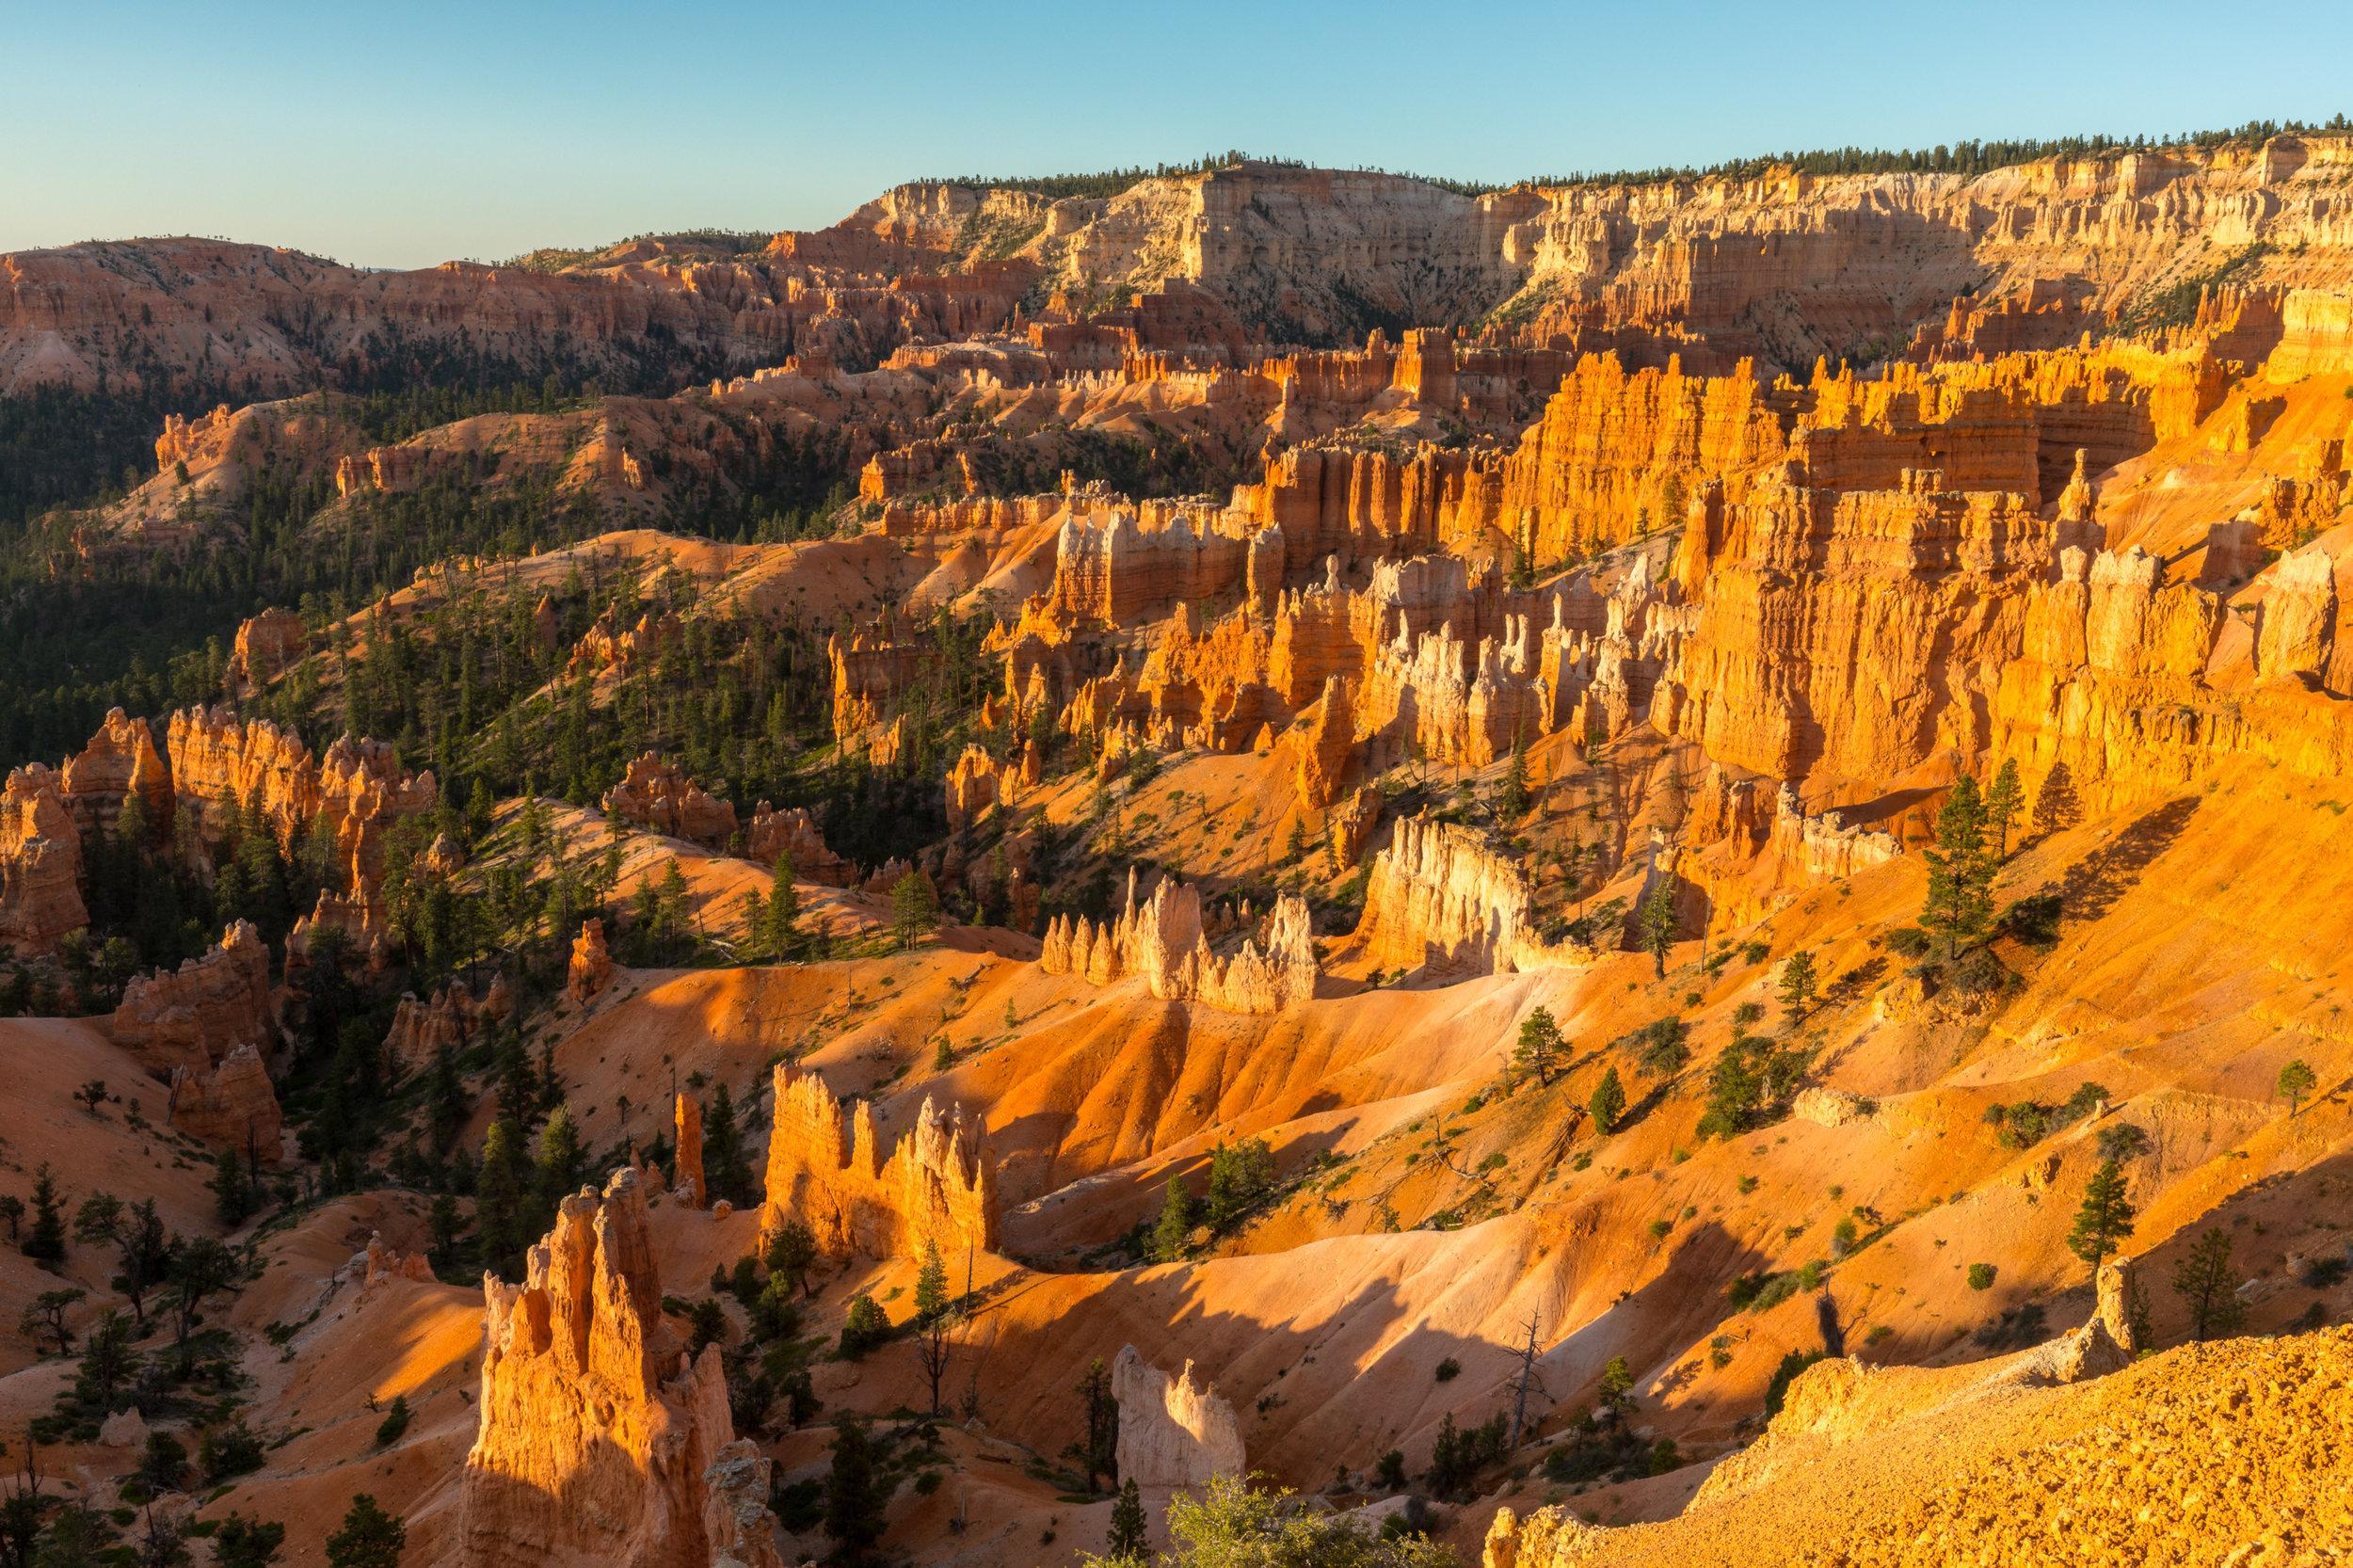 Sunrise Bryce National Park, Image # 0630